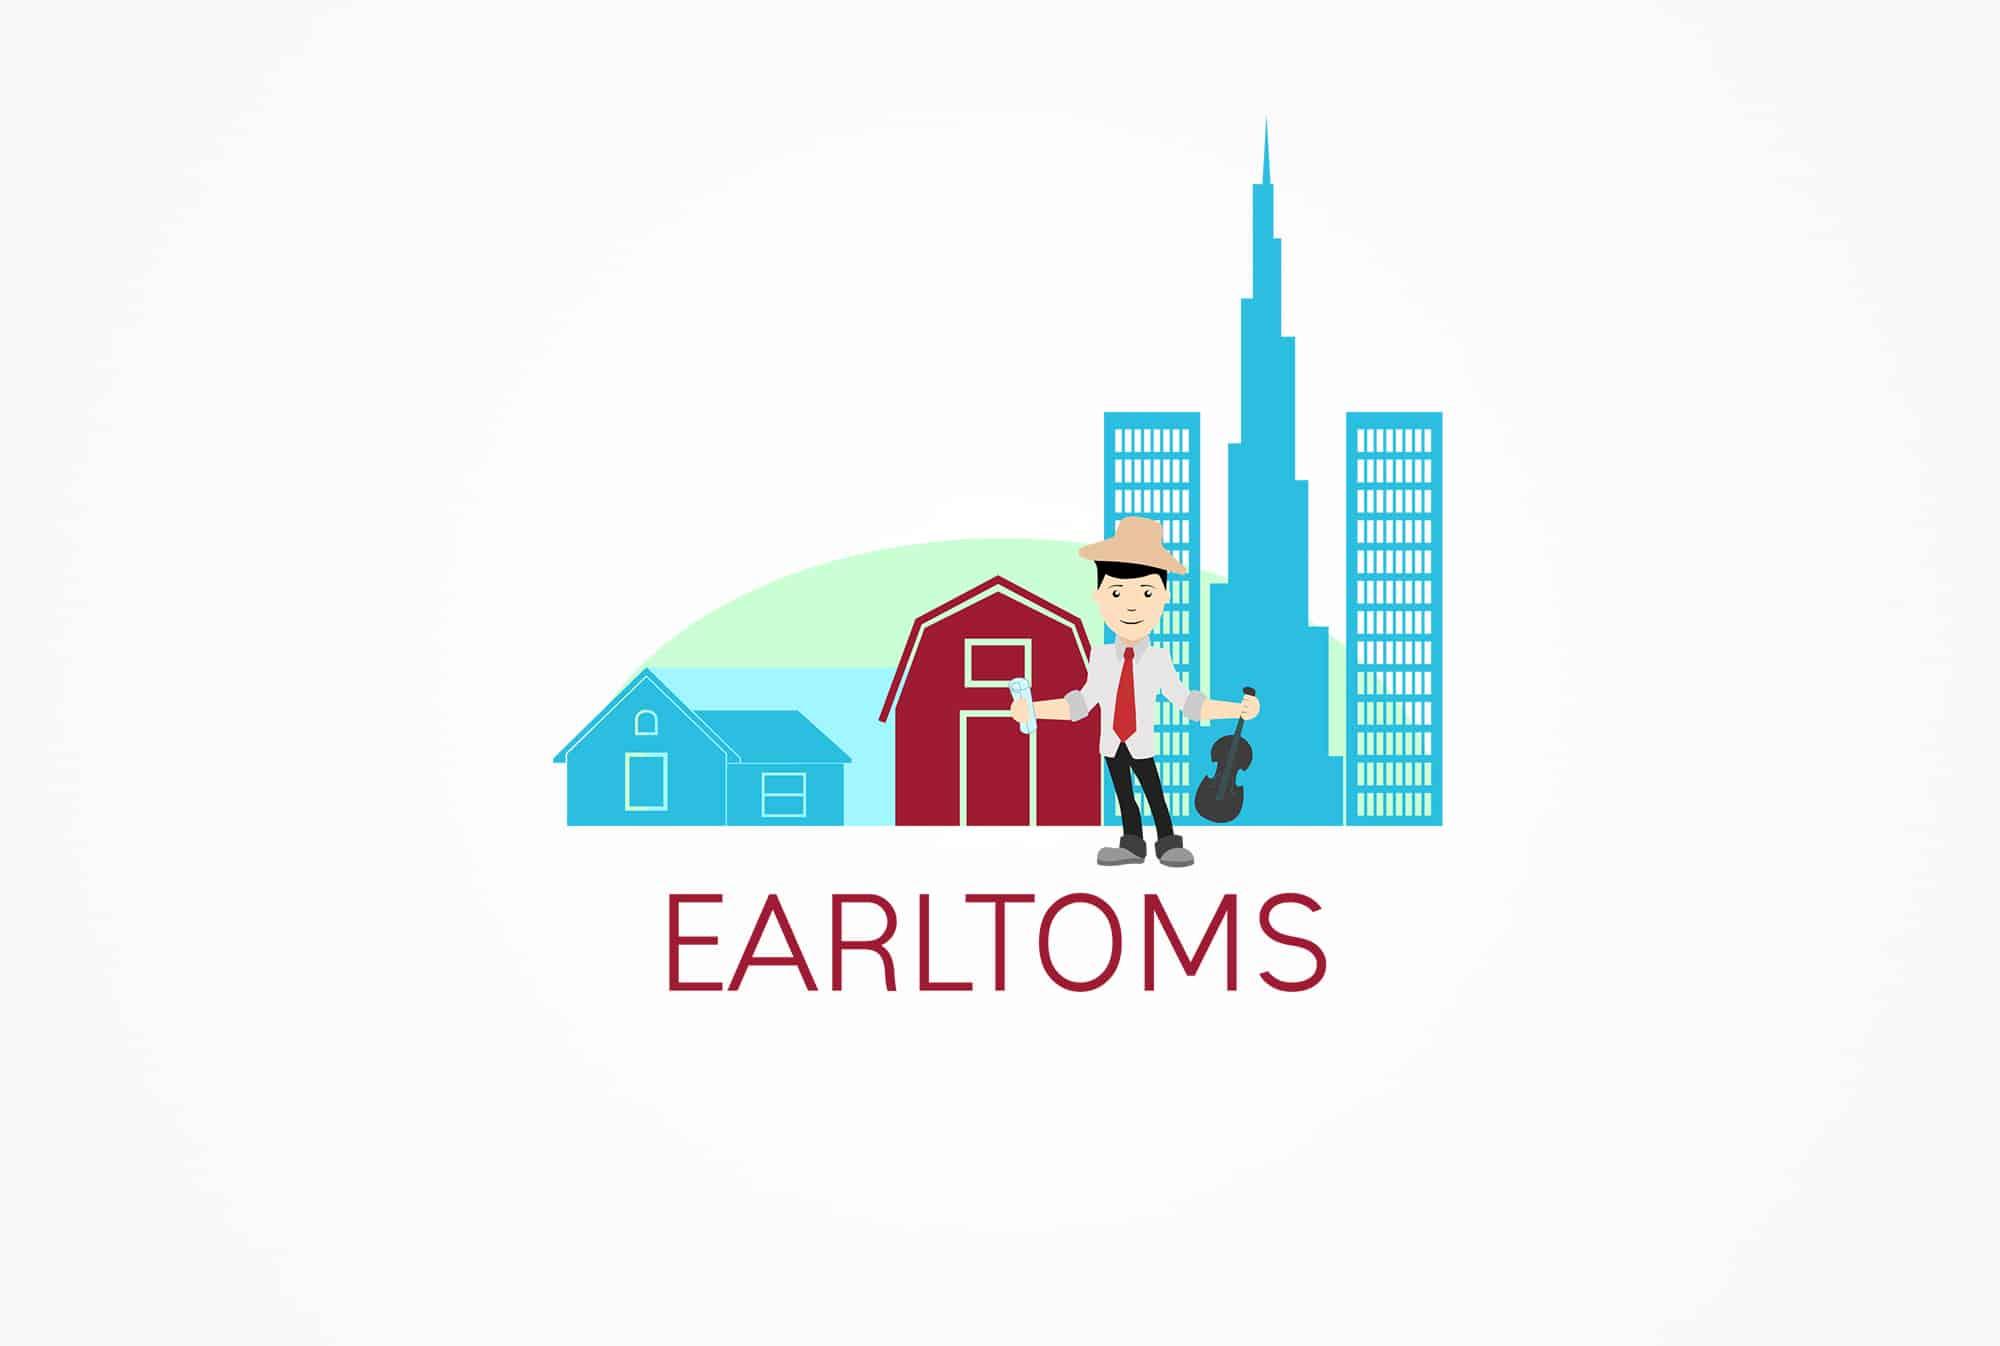 EarlToms.com